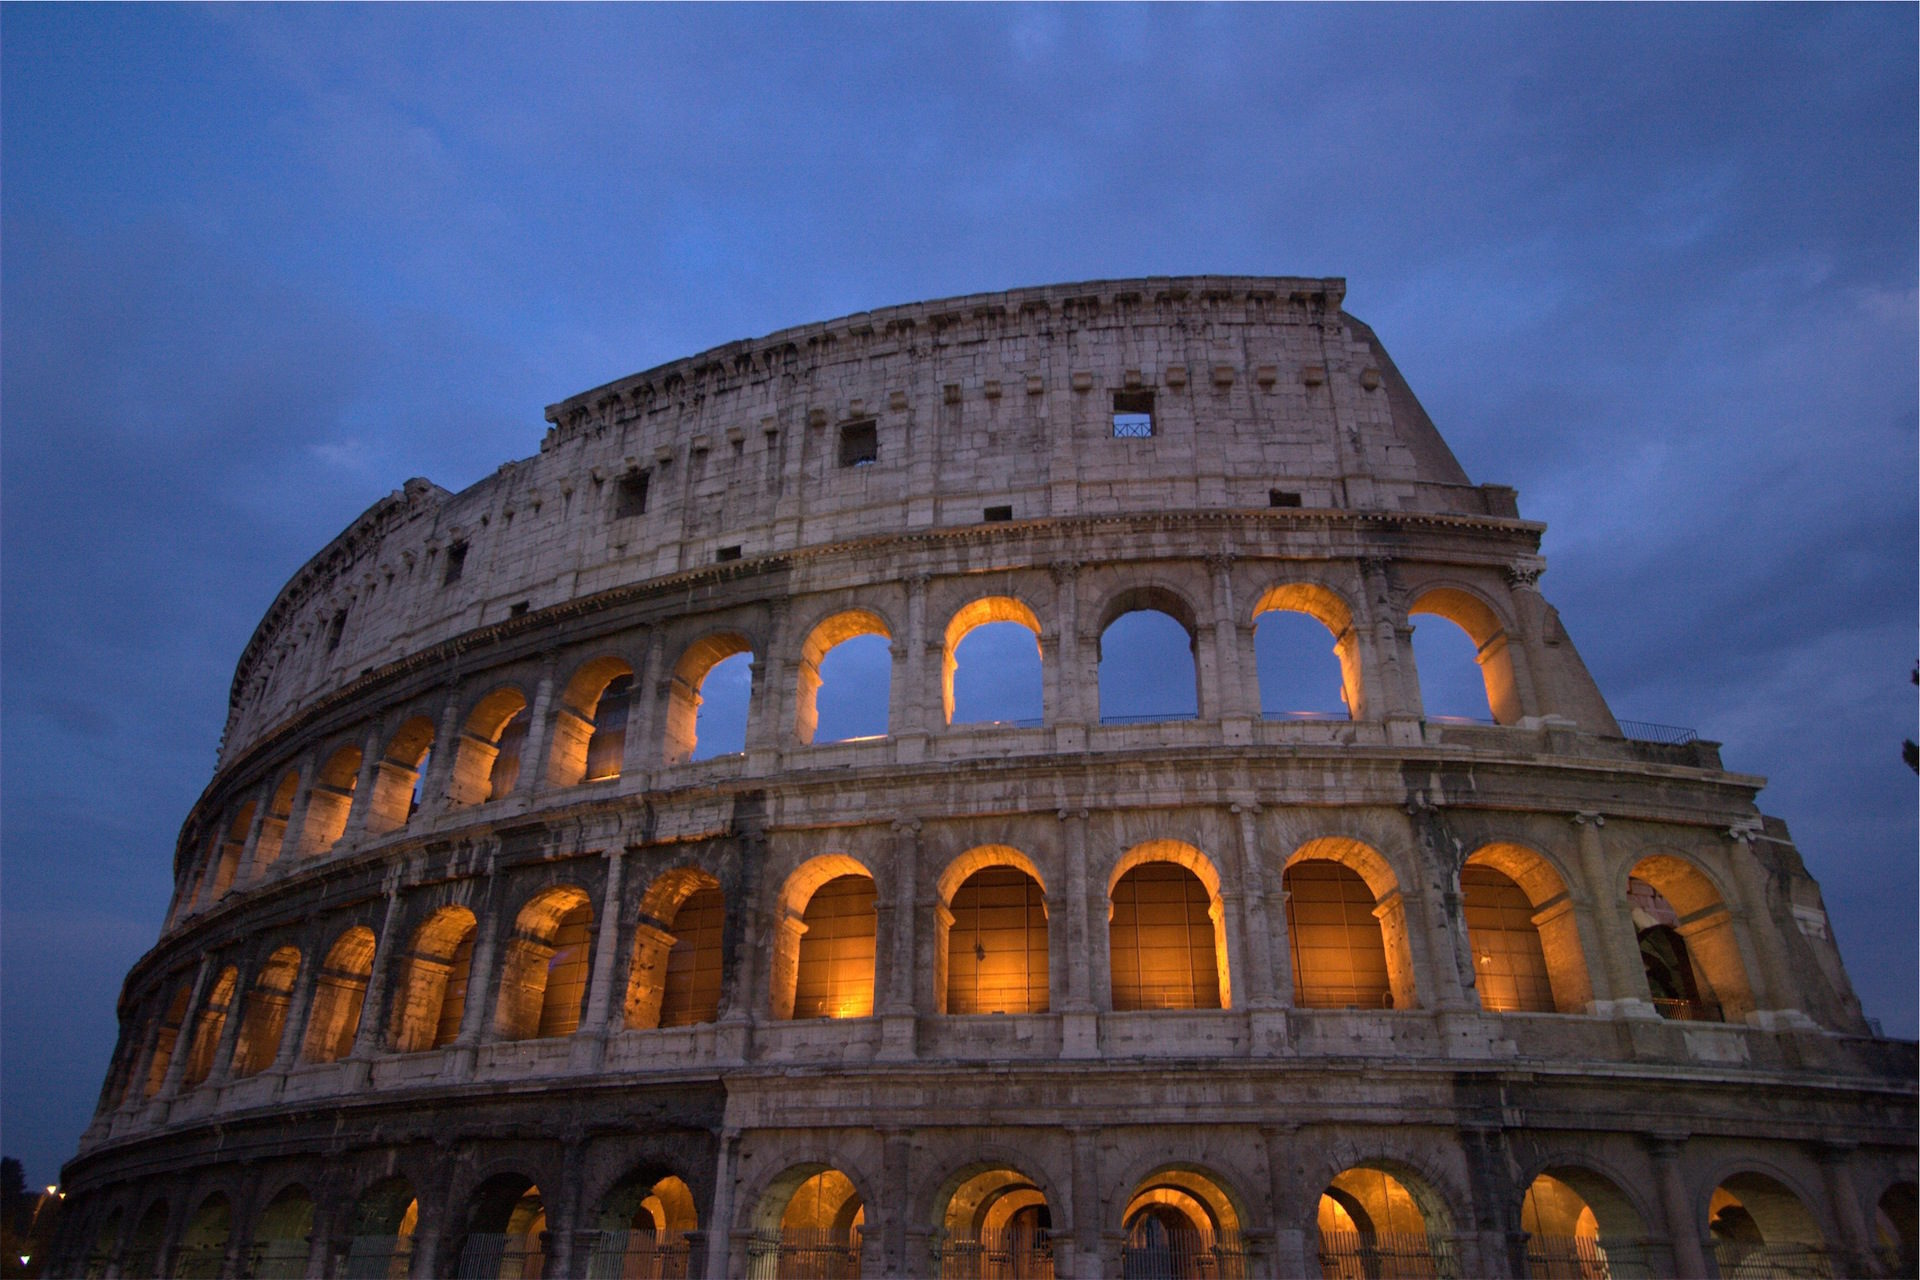 Κολοσσαίο, Ρωμαϊκή, Ρώμη, Αυτοκρατορία, Ιταλία - Wallpapers HD - Professor-falken.com